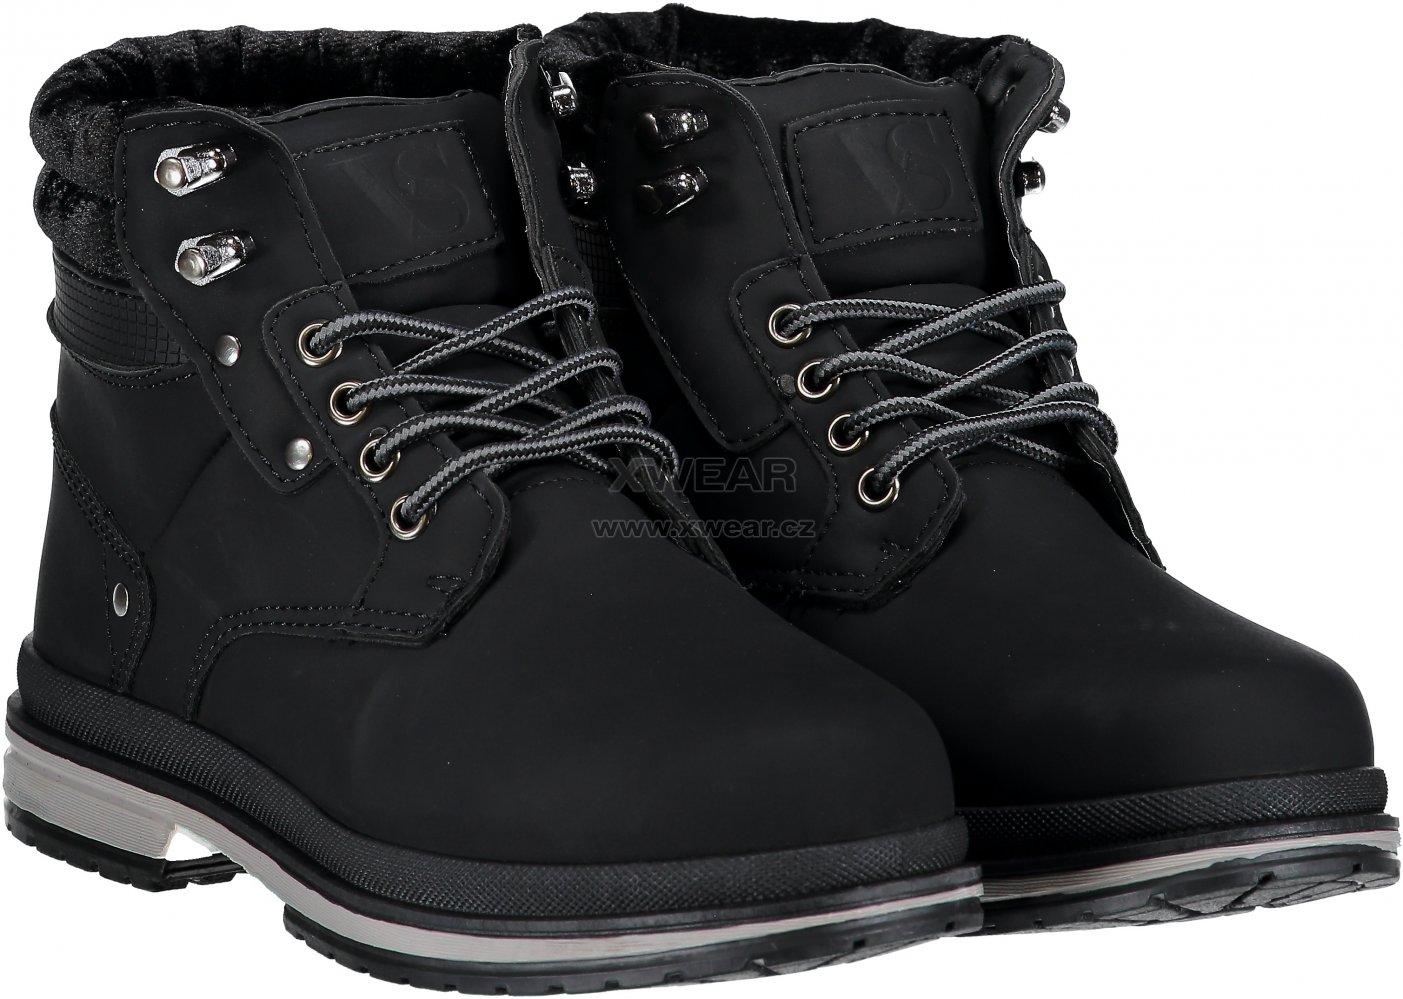 e587f118077 Dámské boty VICES JB008-1 BLACK velikost  36   XWEAR.cz